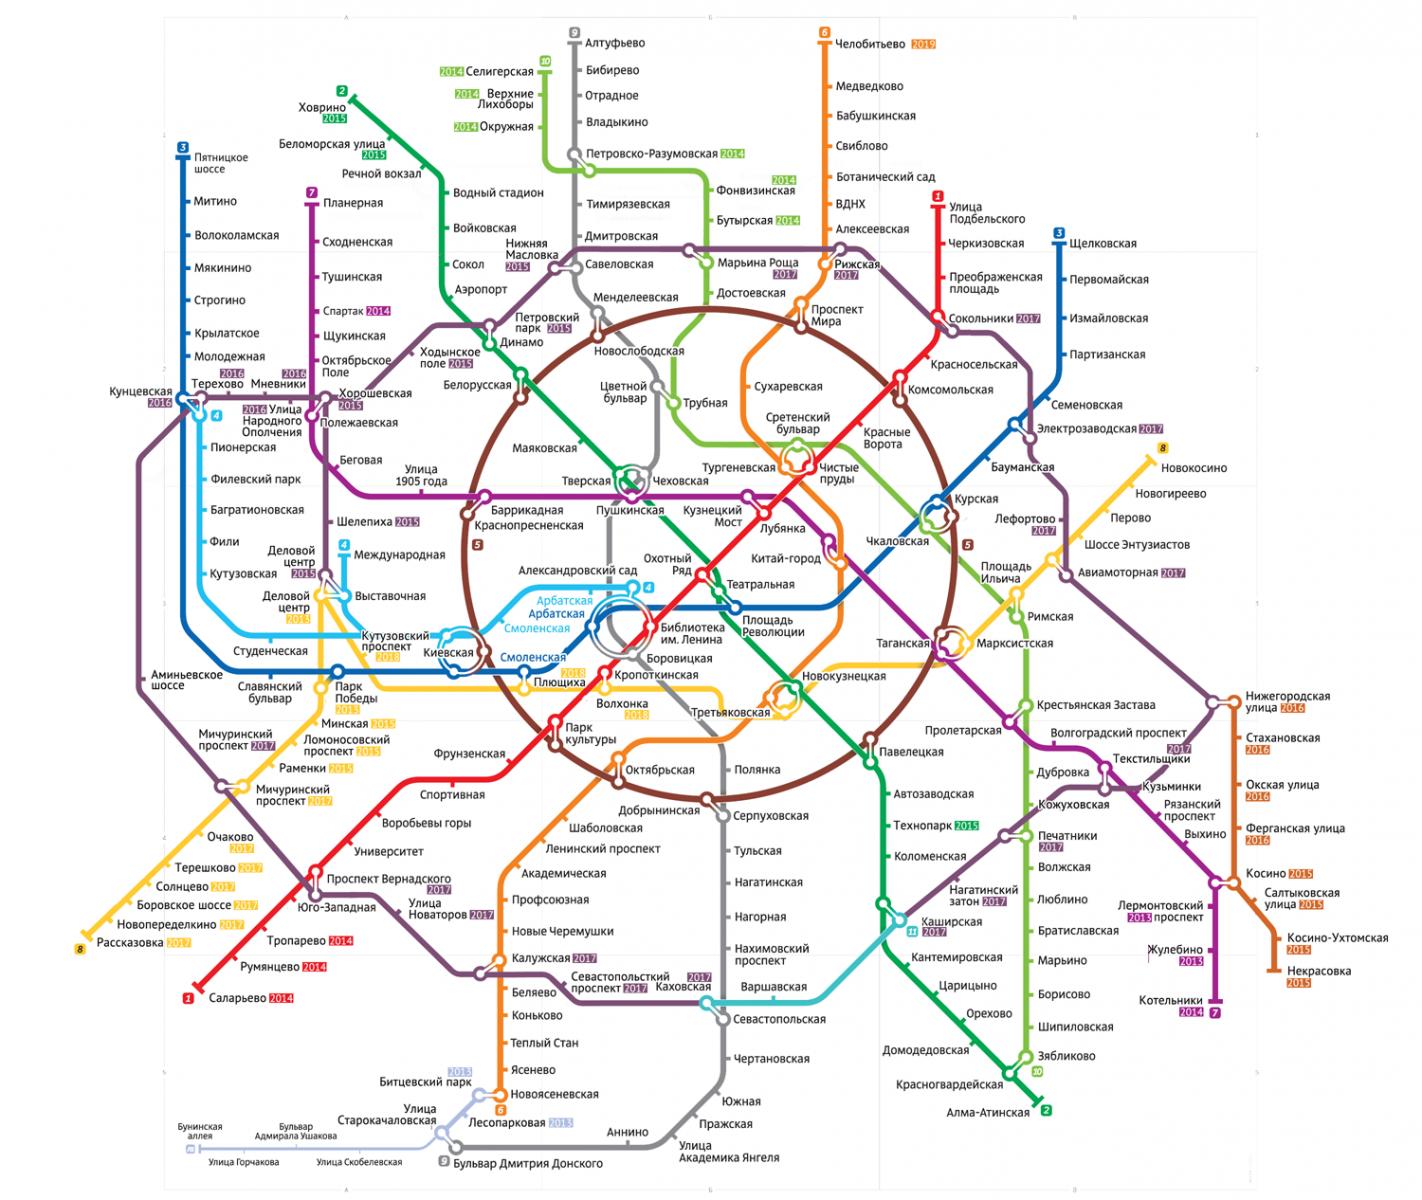 Карта (схема) метро Москвы 2 16 г